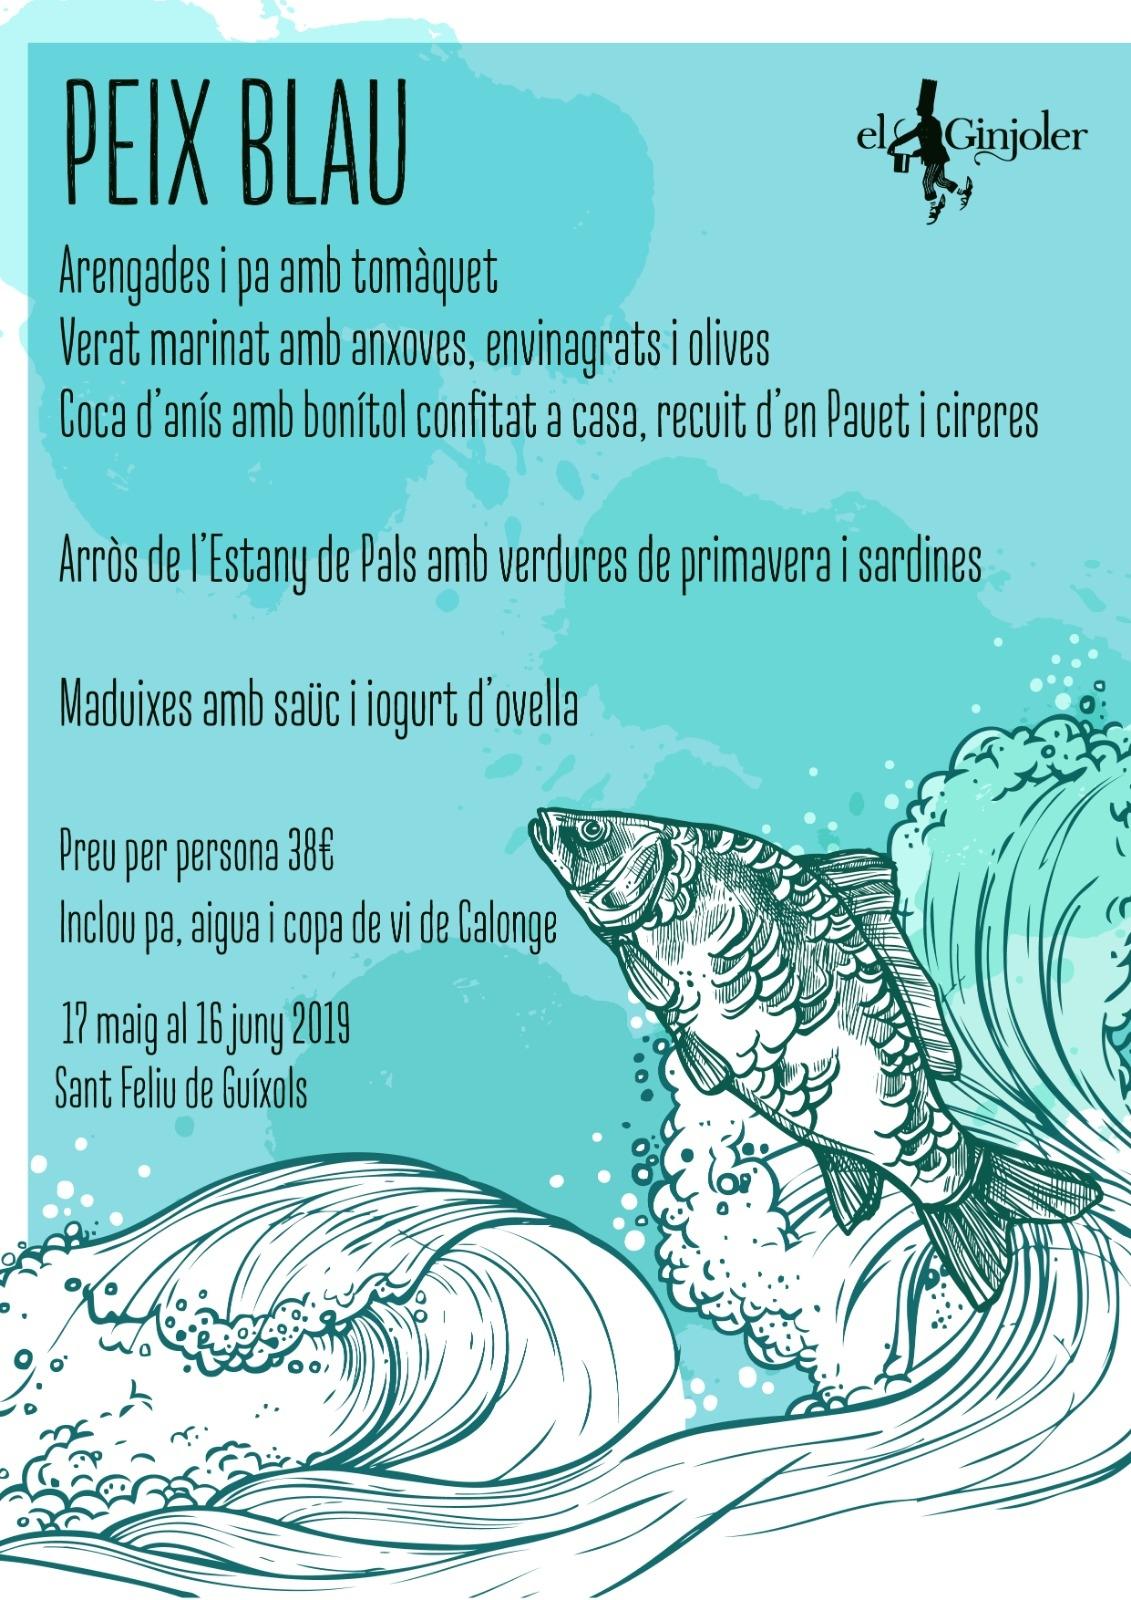 Peix blau a Sant Feliu de Guíxols